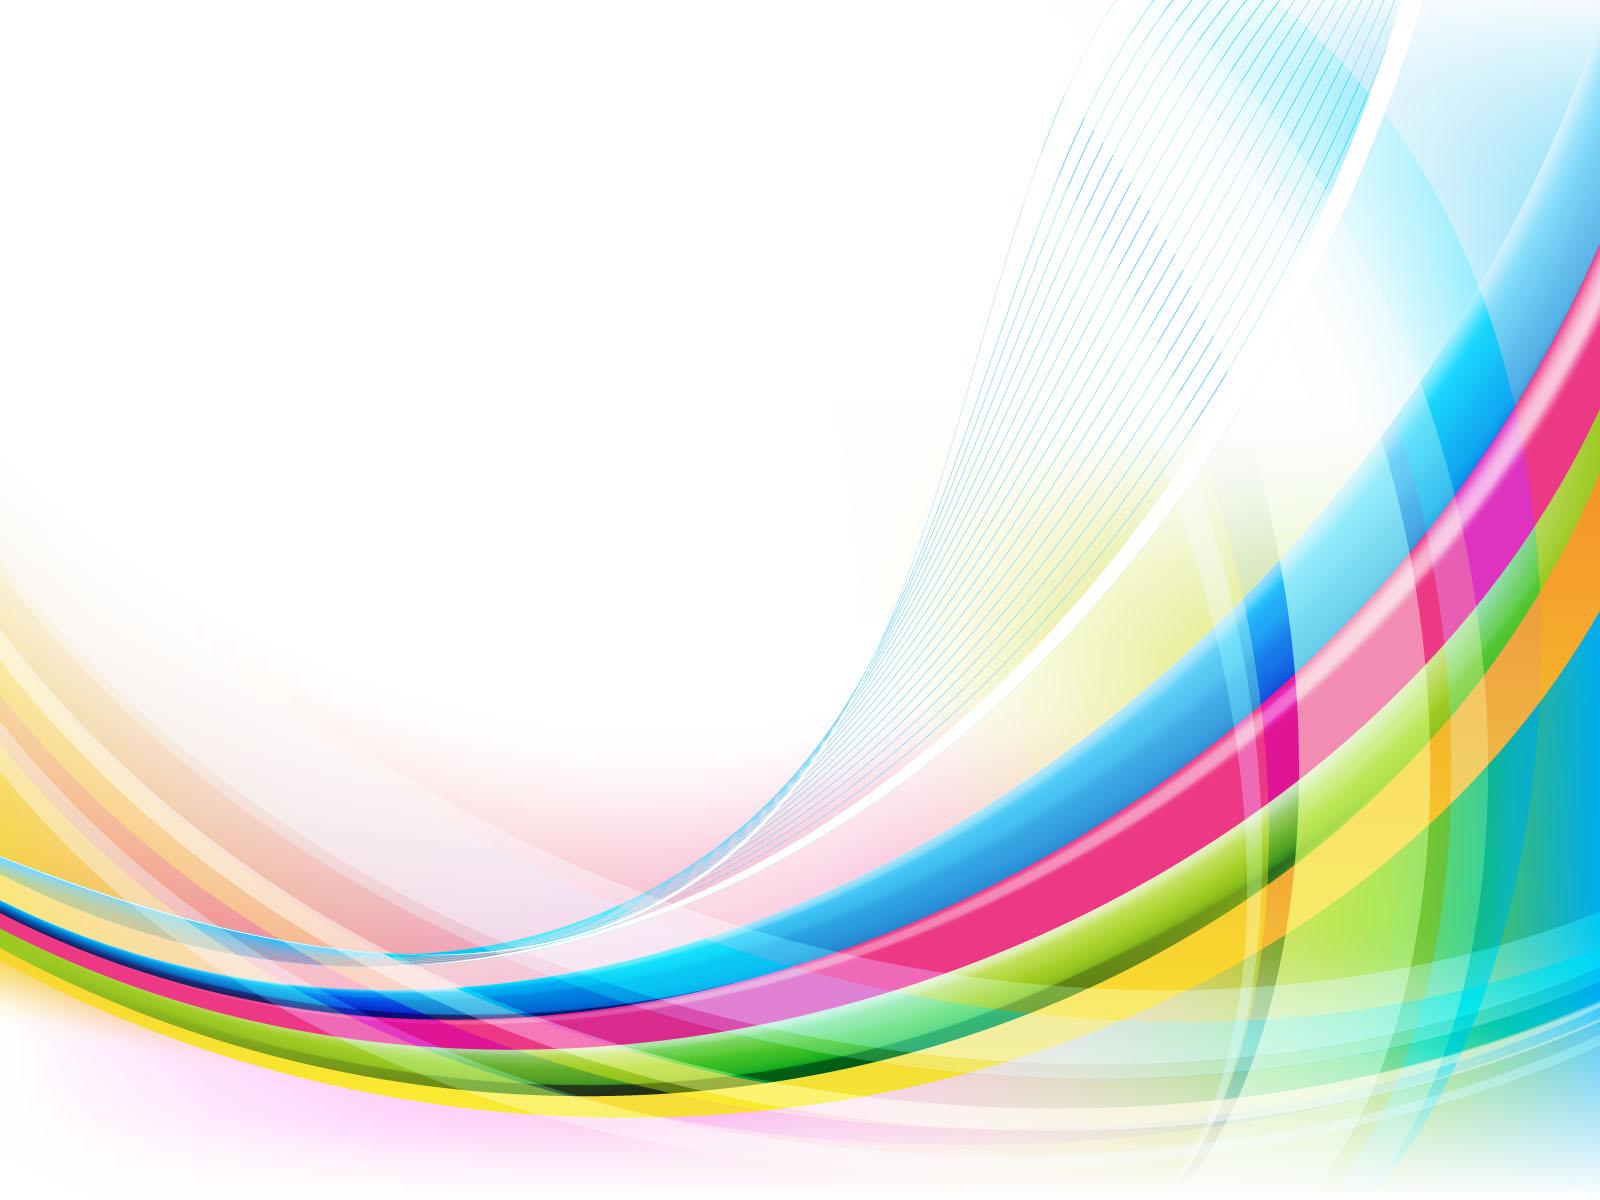 Hình nền PowerPoint đơn giản với những dải màu sặc sỡ